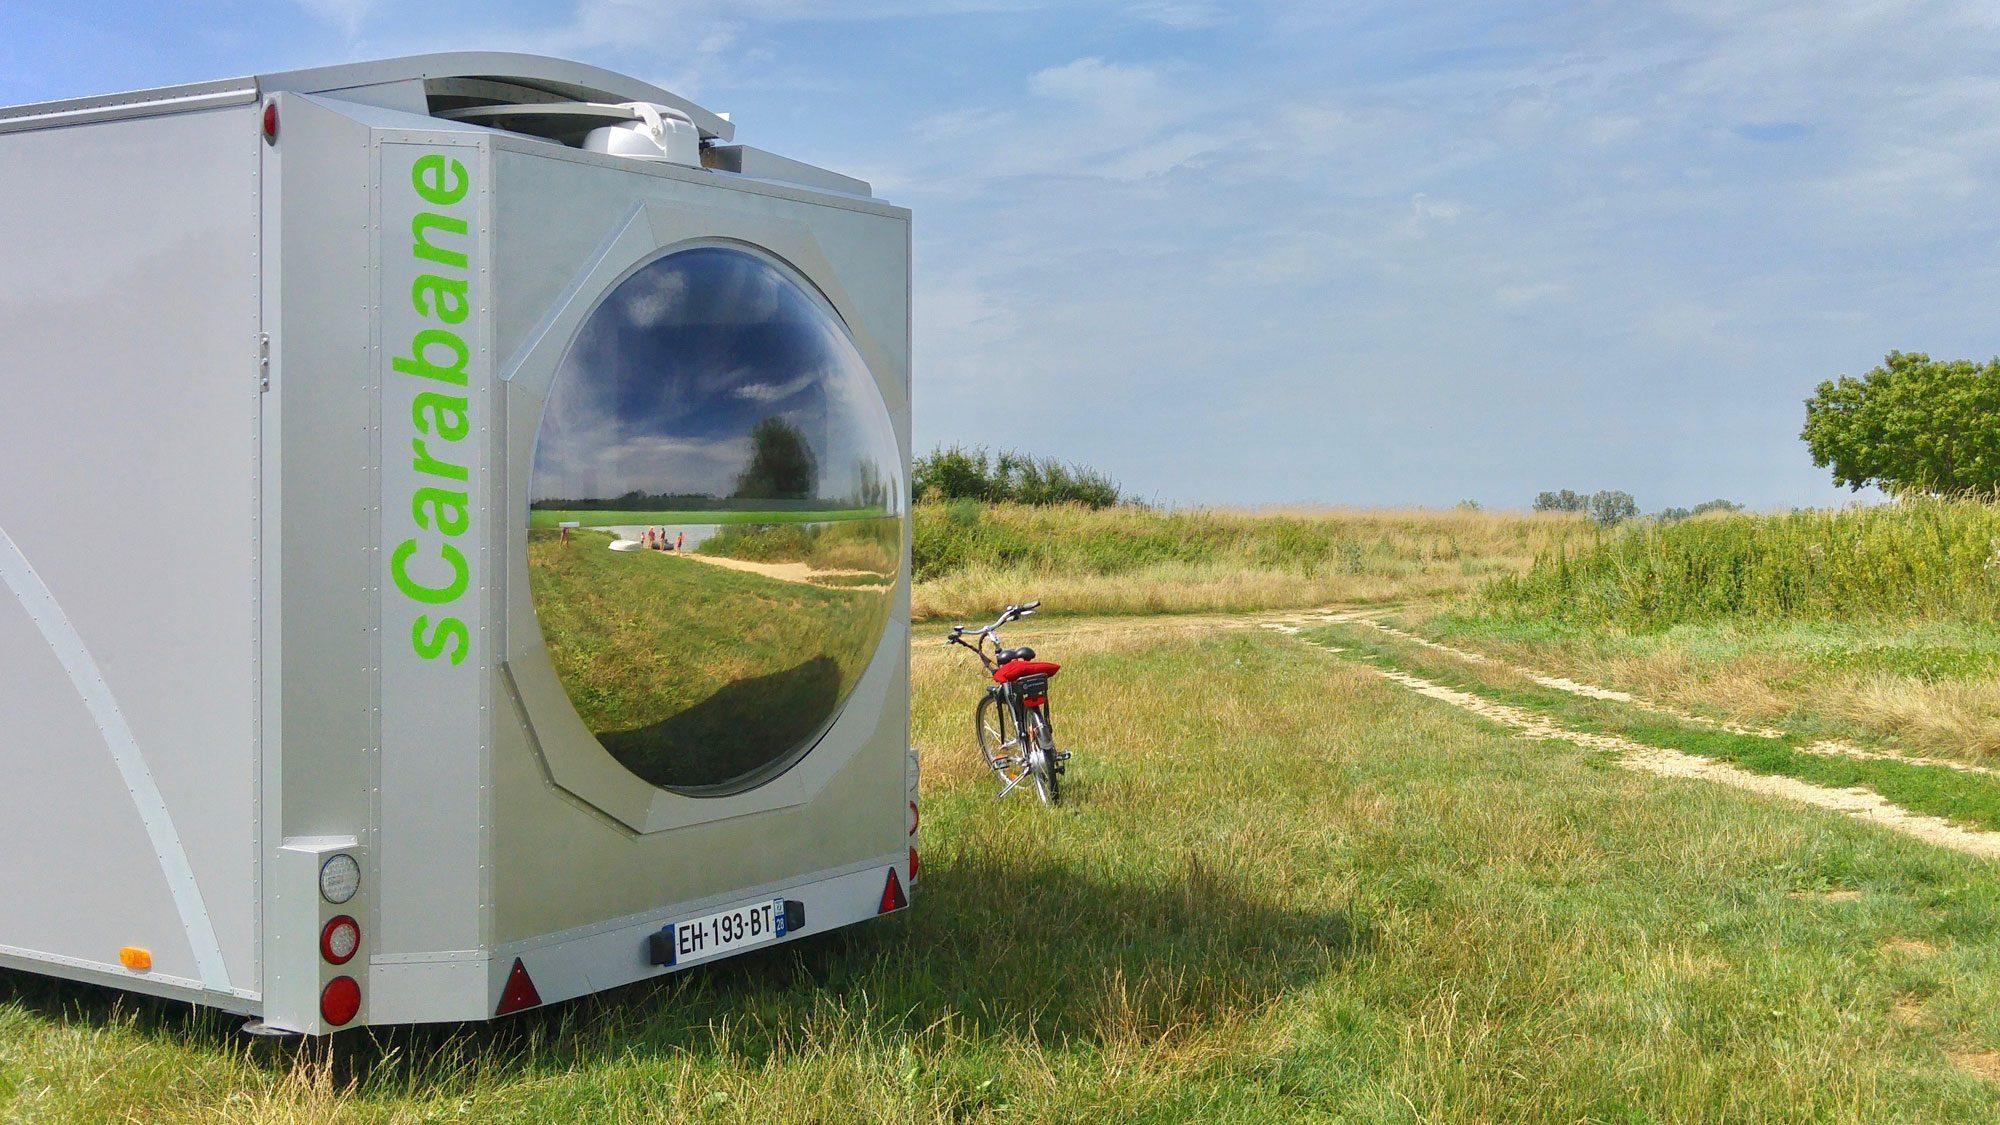 Off Grid Caravan - off the grid